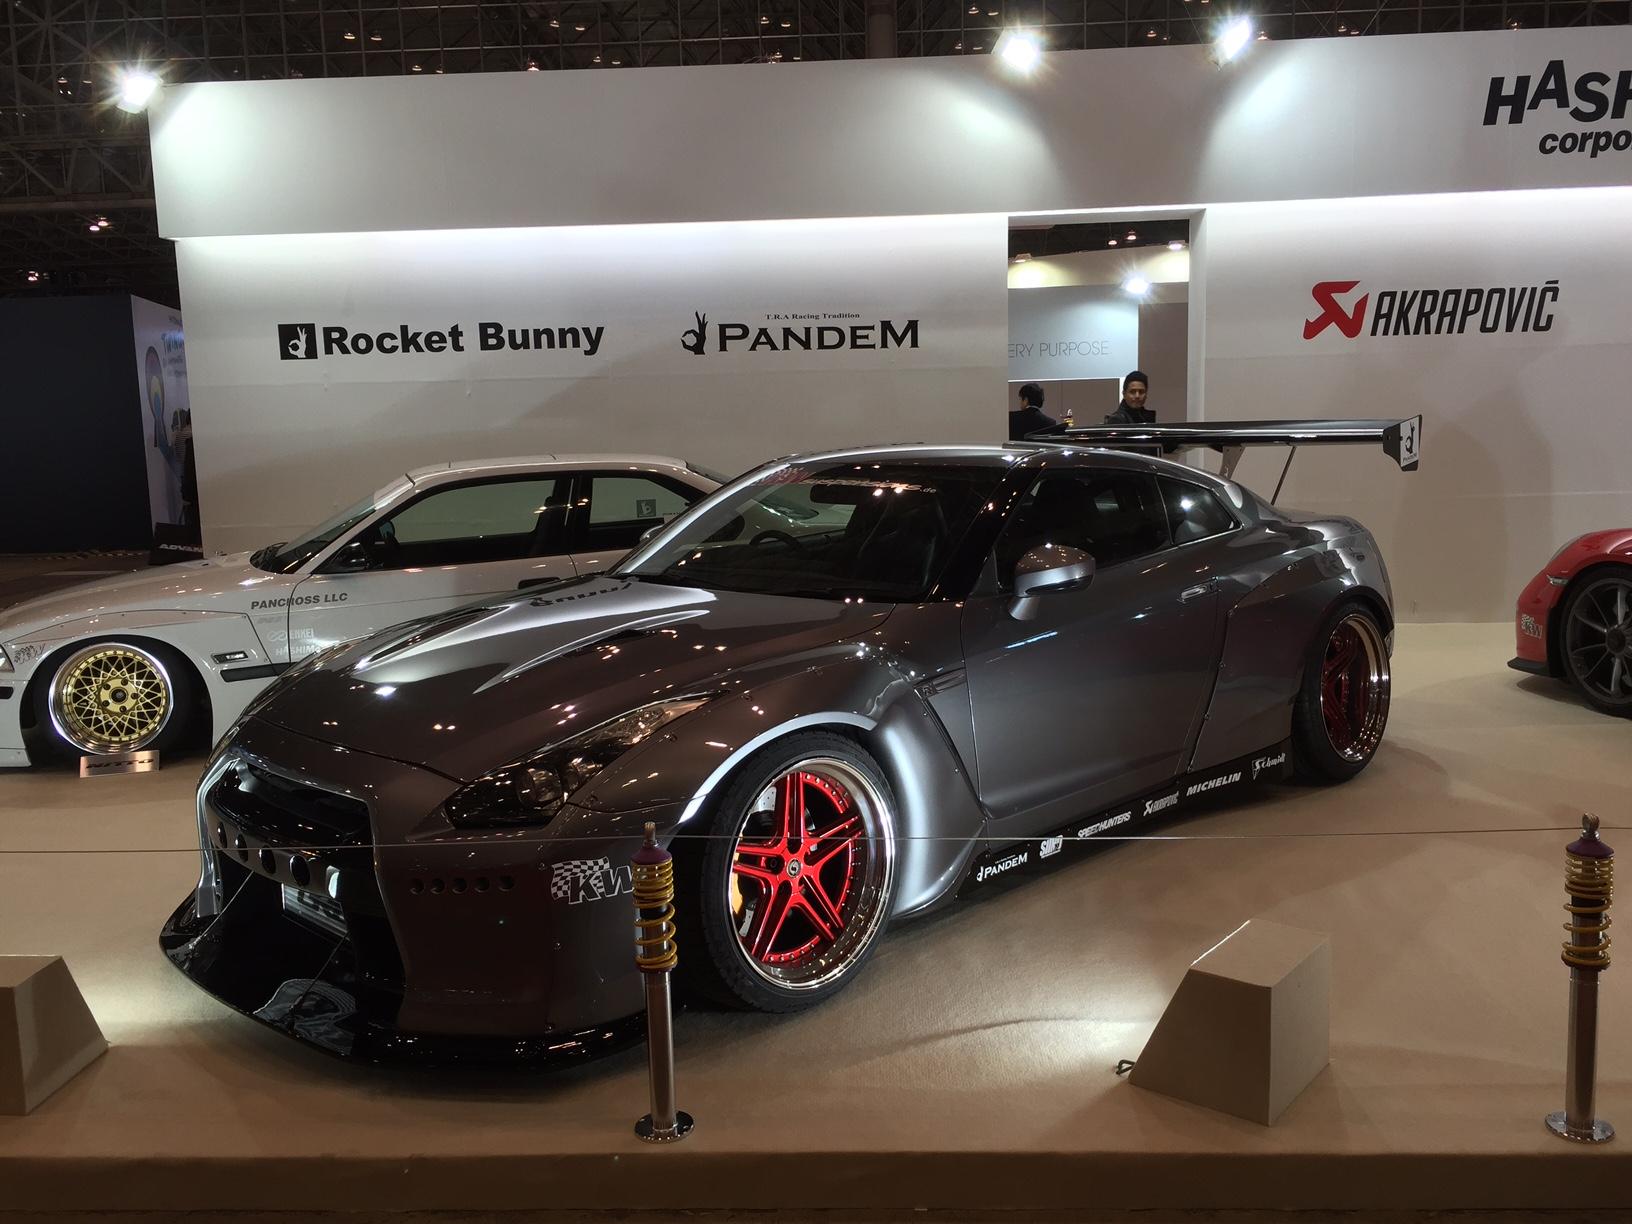 rote Fs-Line Felgen auf einem Nissan GTR mit Rocket Bunny Overfender Body Kit auf dem Tokio Autosalon 2016